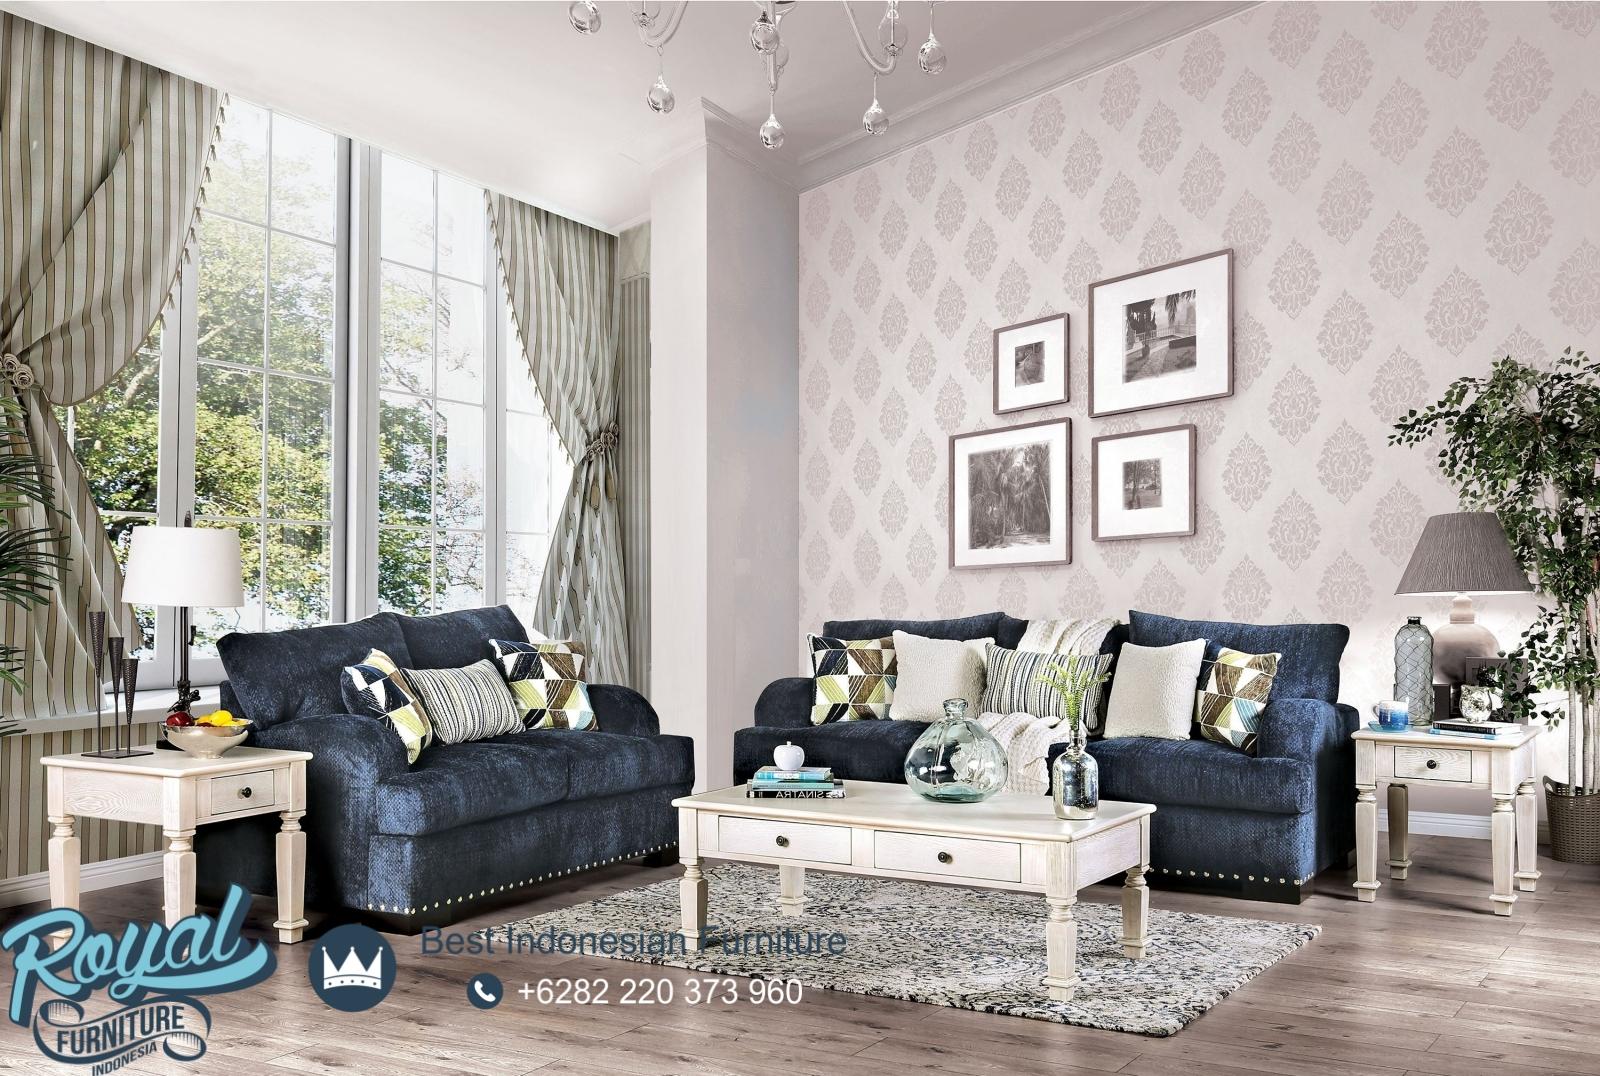 Sofa Ruang Tamu Minimalis Contemporary Living Room, Sofa Kayu Jati Ukir Jepara, Sofa Tamu Mewah, Sofa Tamu Ukiran Jepara Terbaru, Kursi Sofa Tamu Minimalis Klasik, Harga Kursi Tamu Sofa Murah, Kursi Tamu Sofa Mewah, Kursi Tamu Sofa Minimalis, Kursi Minimalis Ruang Tamu, Kursi Tamu Minimalis Modern, Sofa Tamu Minimalis Modern, Kursi Sofa Jati Minimalis, Kursi Tamu Kayu Jati Jepara, Jual Kursi Tamu Sofa Terbaru, Jual Sofa Minimalis Model Terbaru, Harga Sofa Ruang Tamu Minimalis Jati Jepara, Model Sofa Tamu Minimalis Modern, Living Room Minimalis, Living Room Modern, Living Room Luxury Modern, Living Room Classic, Kursi Sofa Jati Minimalis, Sofa Jati Mewah, Sofa Jati Minimalis Modern, Sofa Jati Minimalis Terbaru, Desain Sofa Ruang Tamu Minimalis Terbaru, Gambar Sofa Tamu Jepara Terbaik, Toko Mebel Jepara, Toko Furniture Jepara, Royal Furniture Indonesia